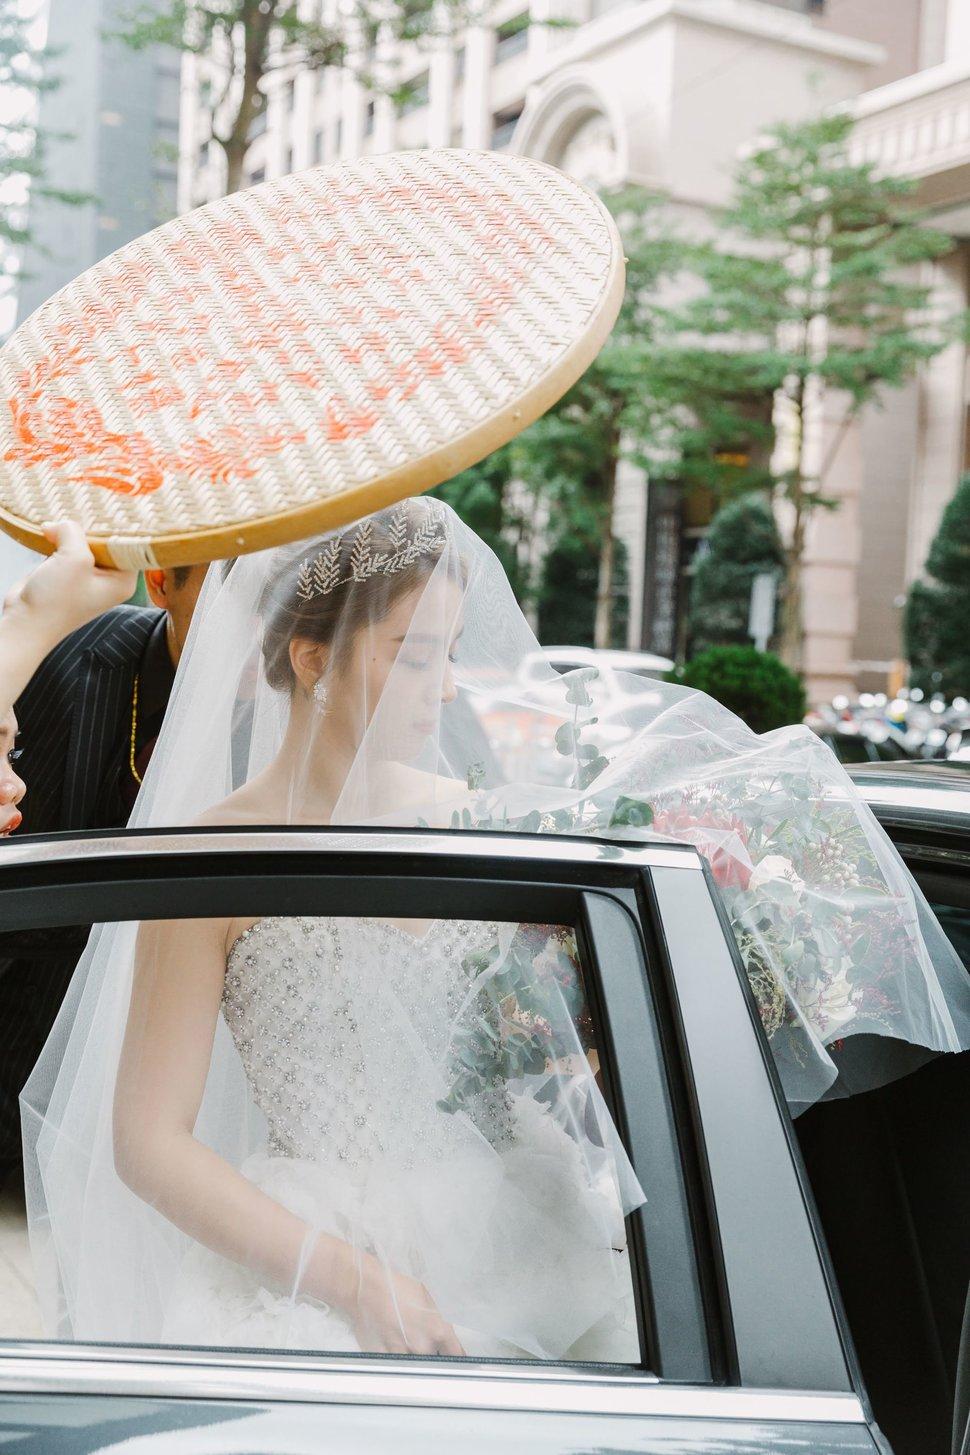 八德彭園婚禮 -美式婚禮-美式婚禮紀錄- Amazing Grace 攝影美學 -台中婚禮紀錄 - Amazing Grace Studio45 - Amazing Grace Studio《結婚吧》